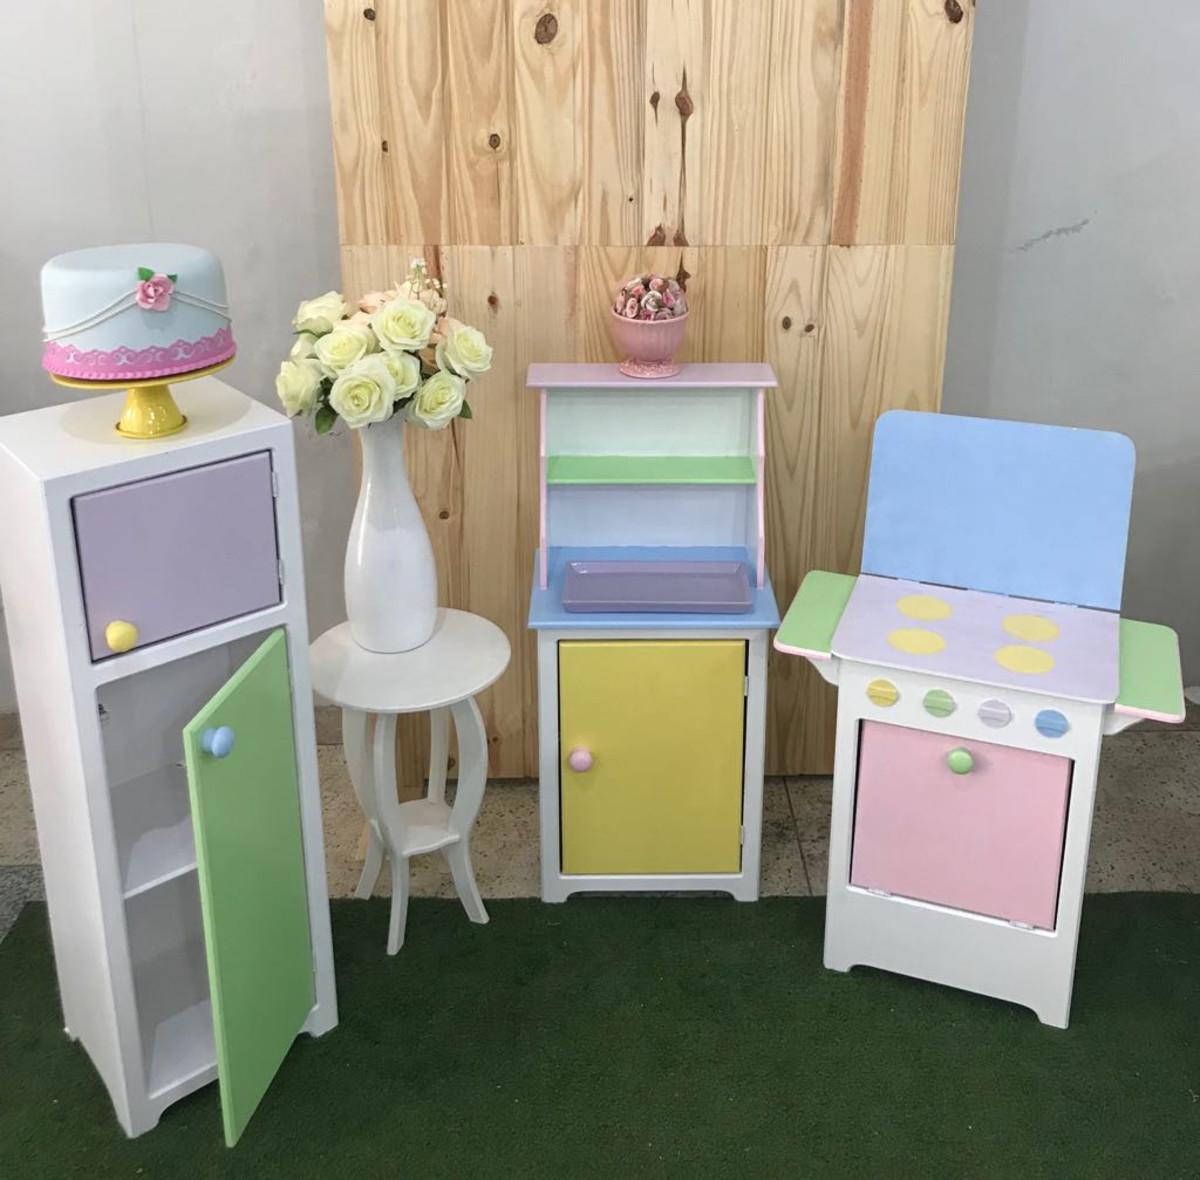 62f8af719 Mini cozinha Mini Móveis Chá de bonecas Mini geladeira no Elo7 ...